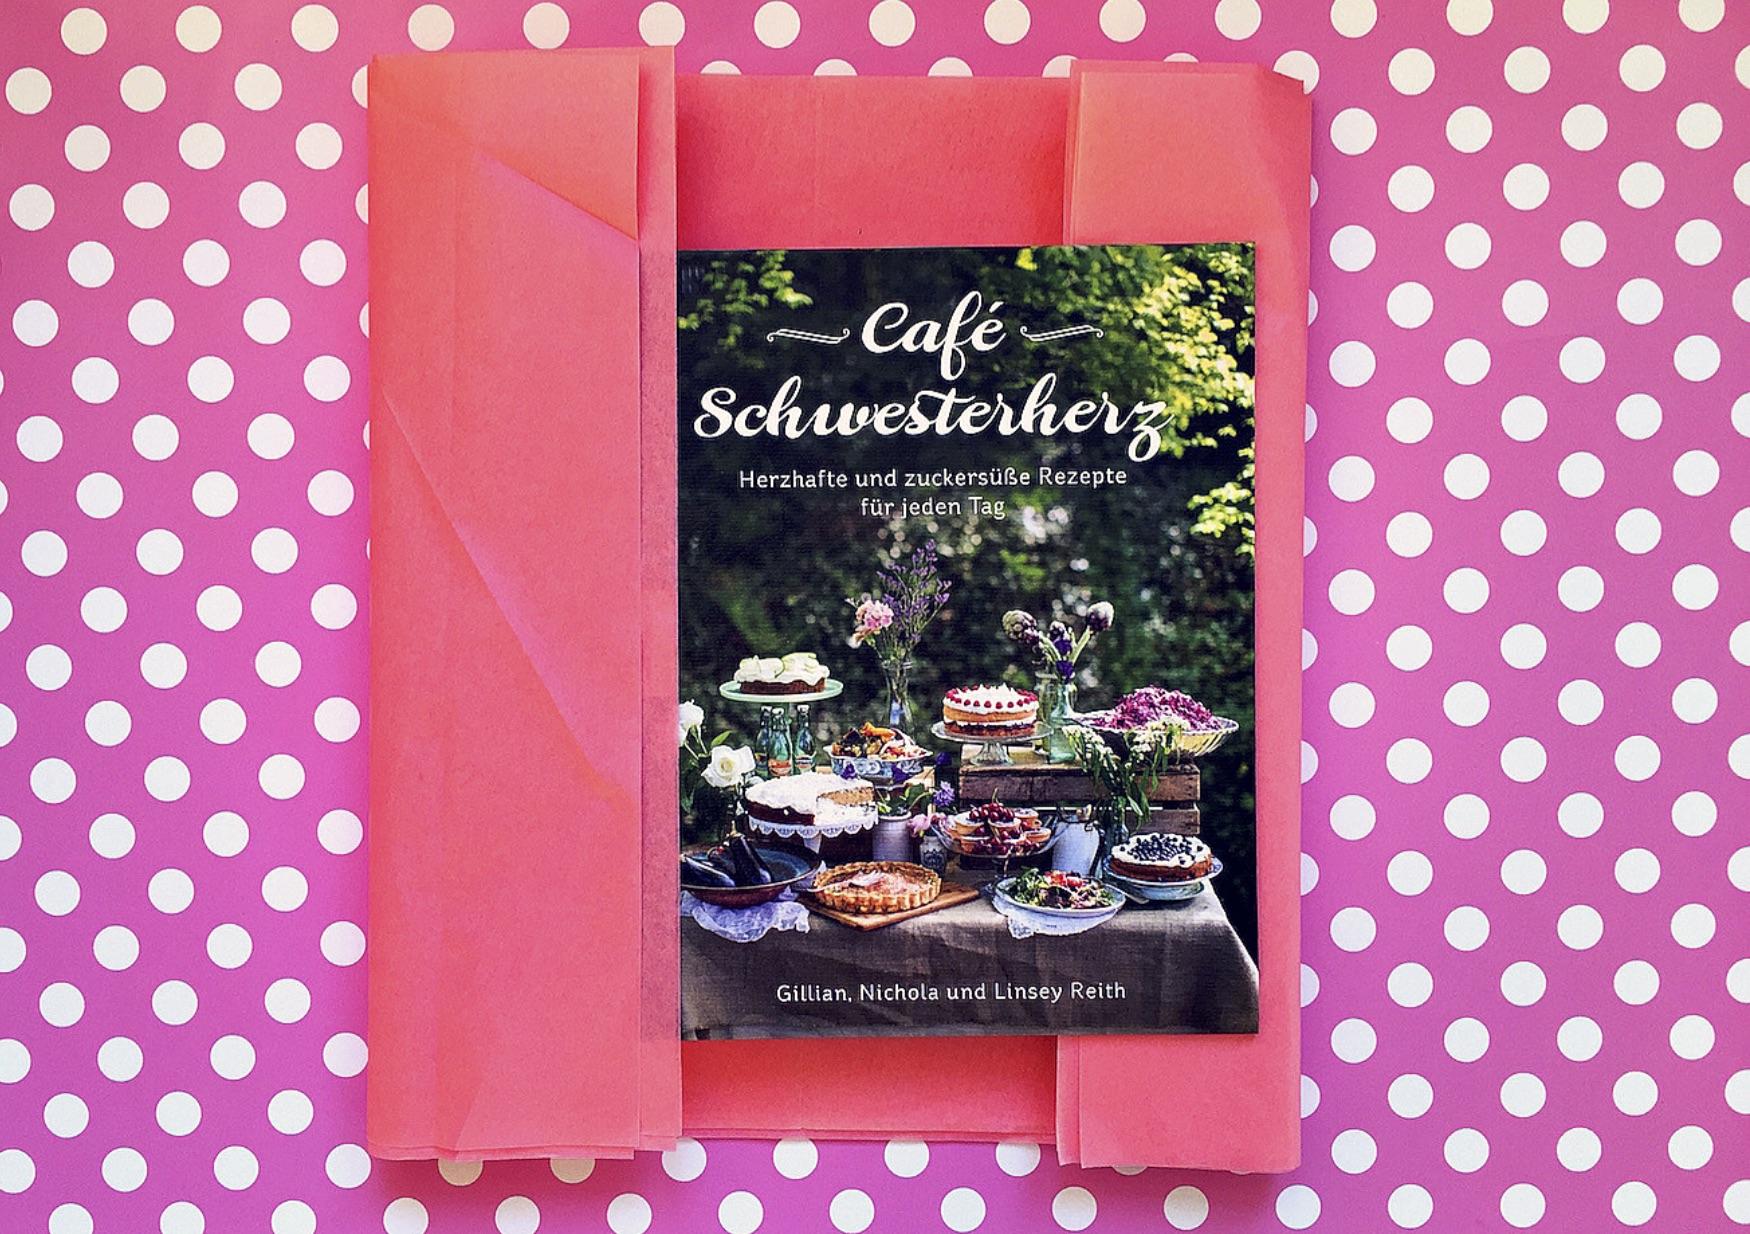 Rezepte für jeden Tag Buchcover Cafè Schwesterherz Knesebeck Verlag www.meinesvenja.de